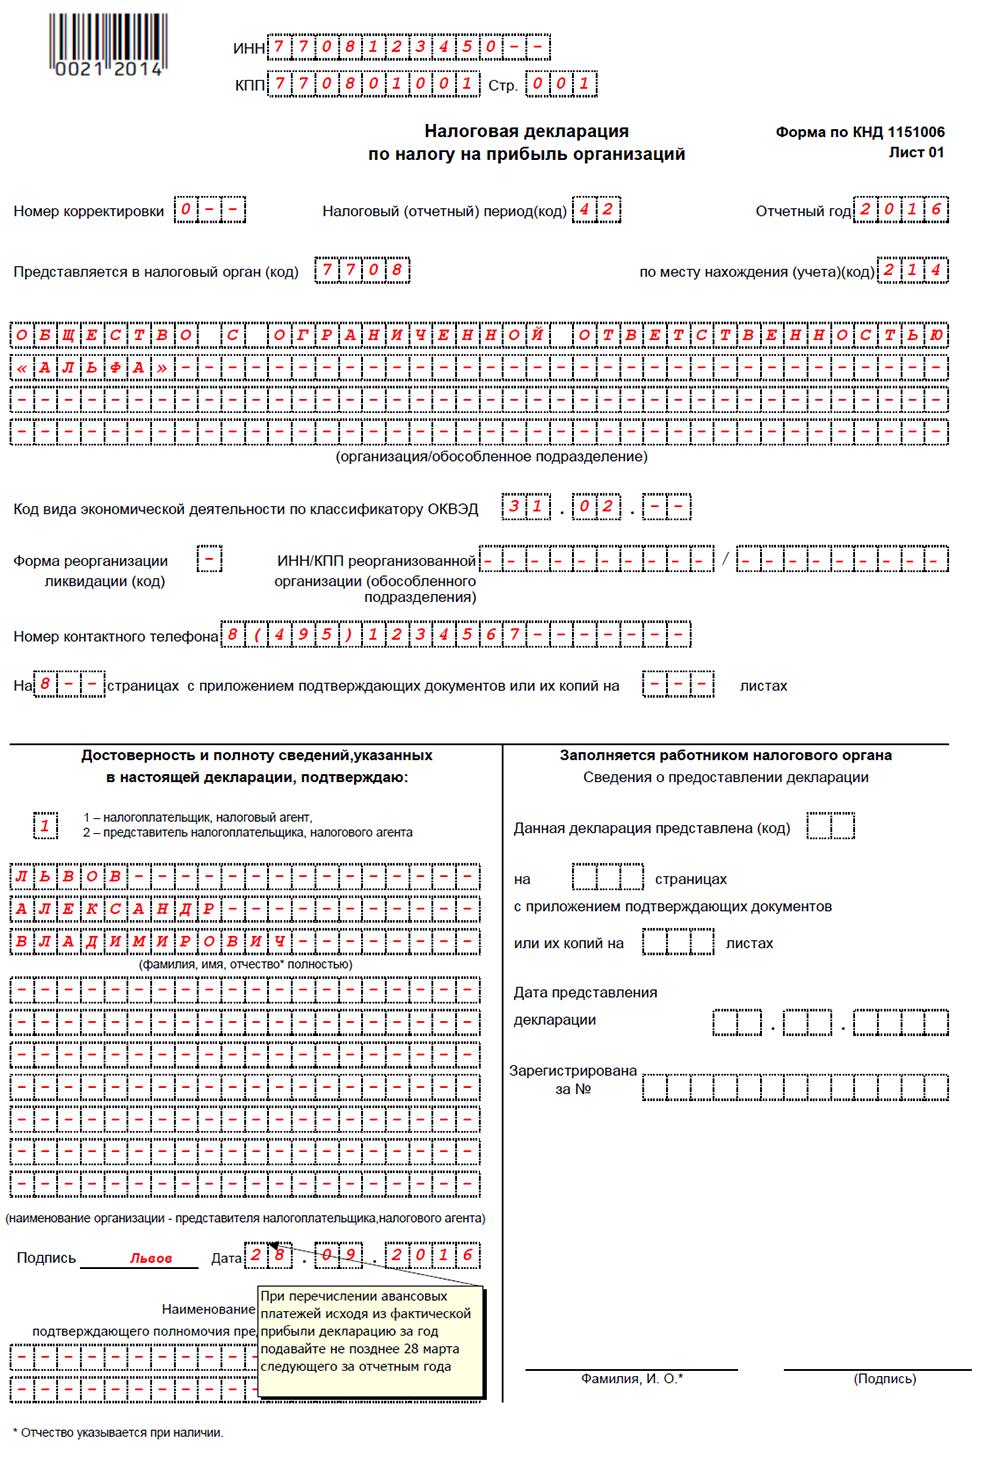 Пример заполнения декларации по налогу на прибыль в 2016 году